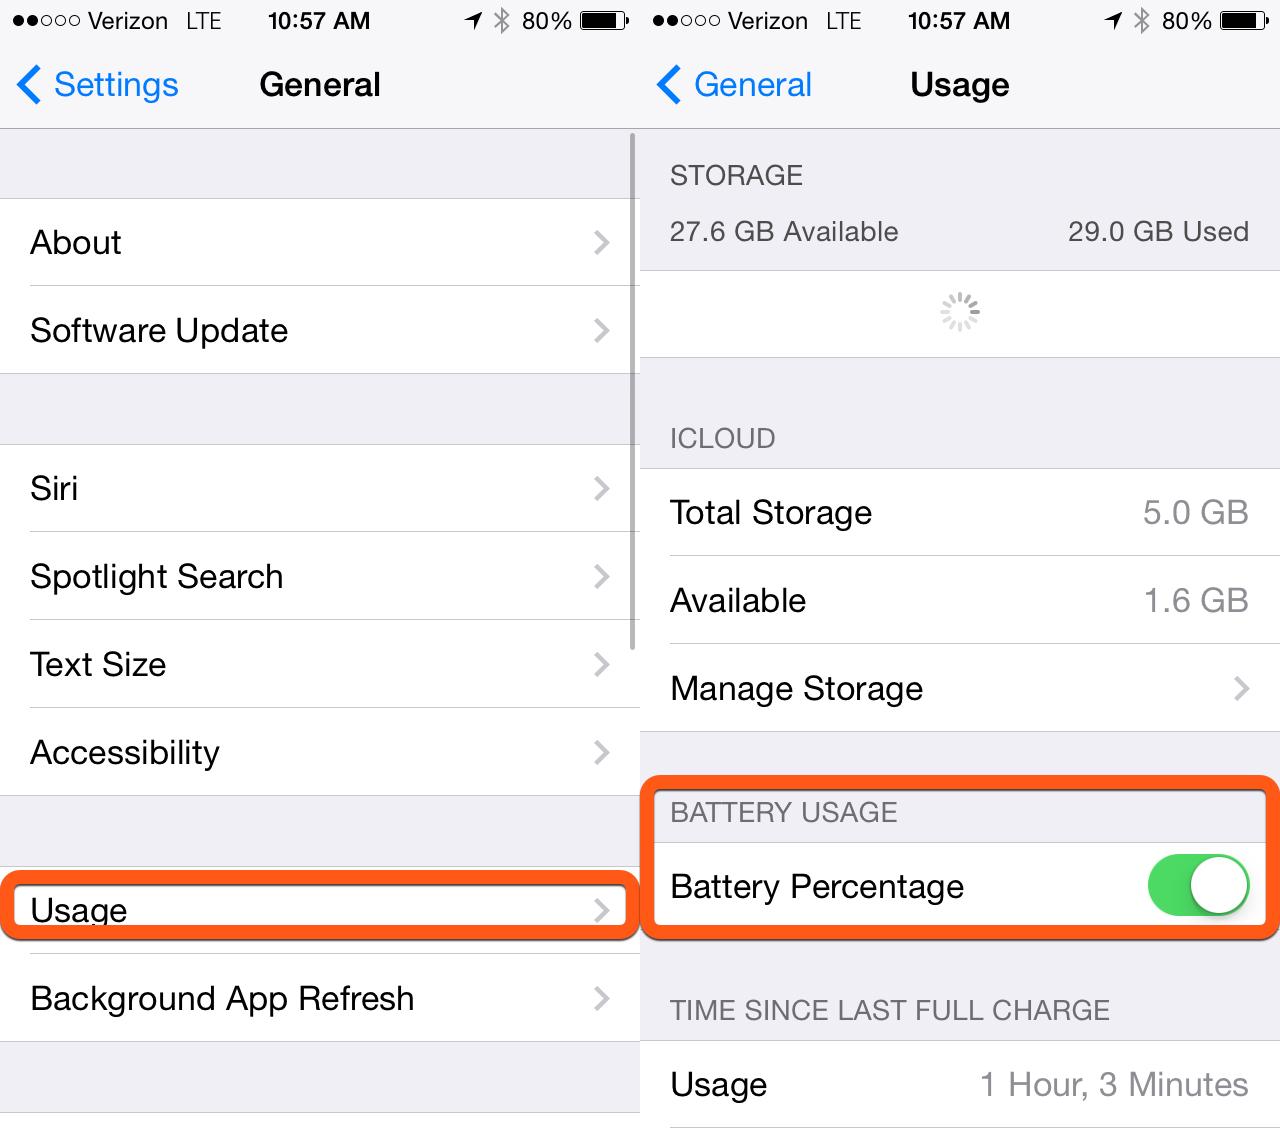 Заряд батареи iPhone в процентах 64